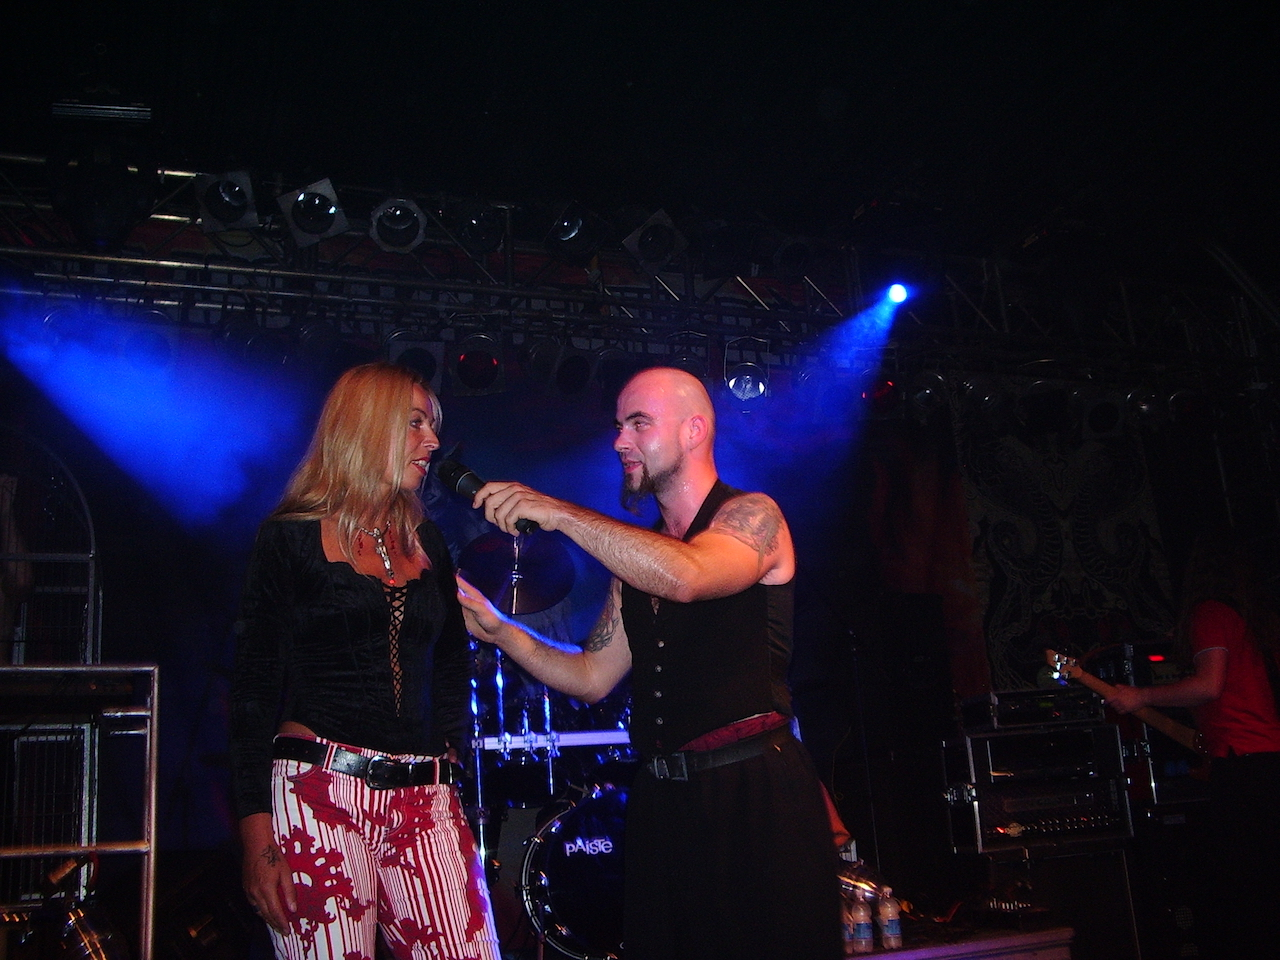 Reina & Fuchs, Die Apokalyptischen Reiter, September 2006